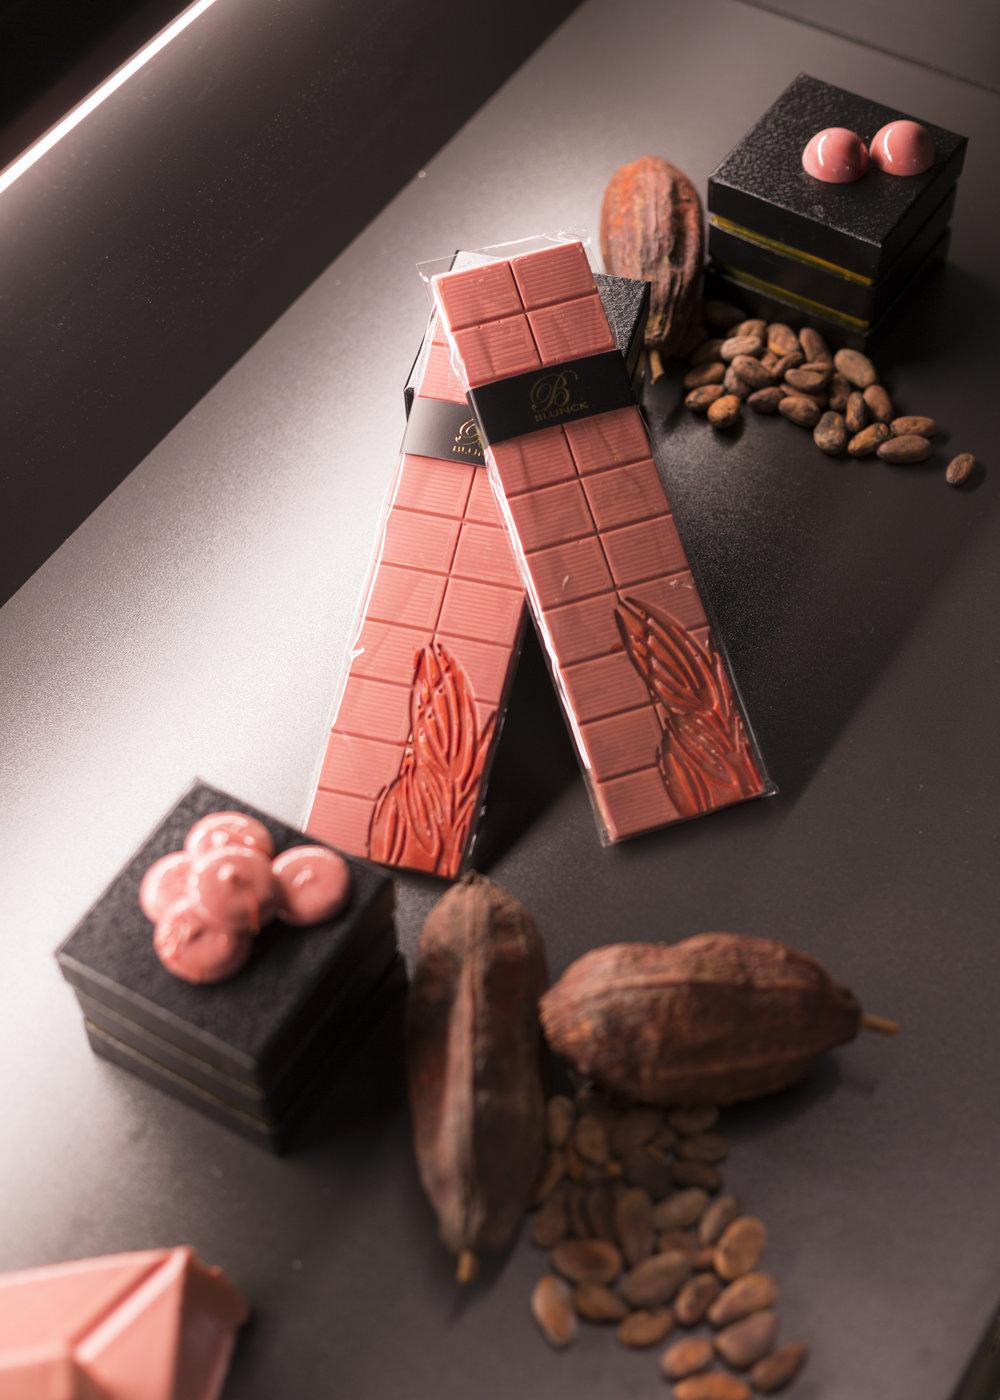 Erlesene Welten_Schokolade.jpg_closeup.jpg